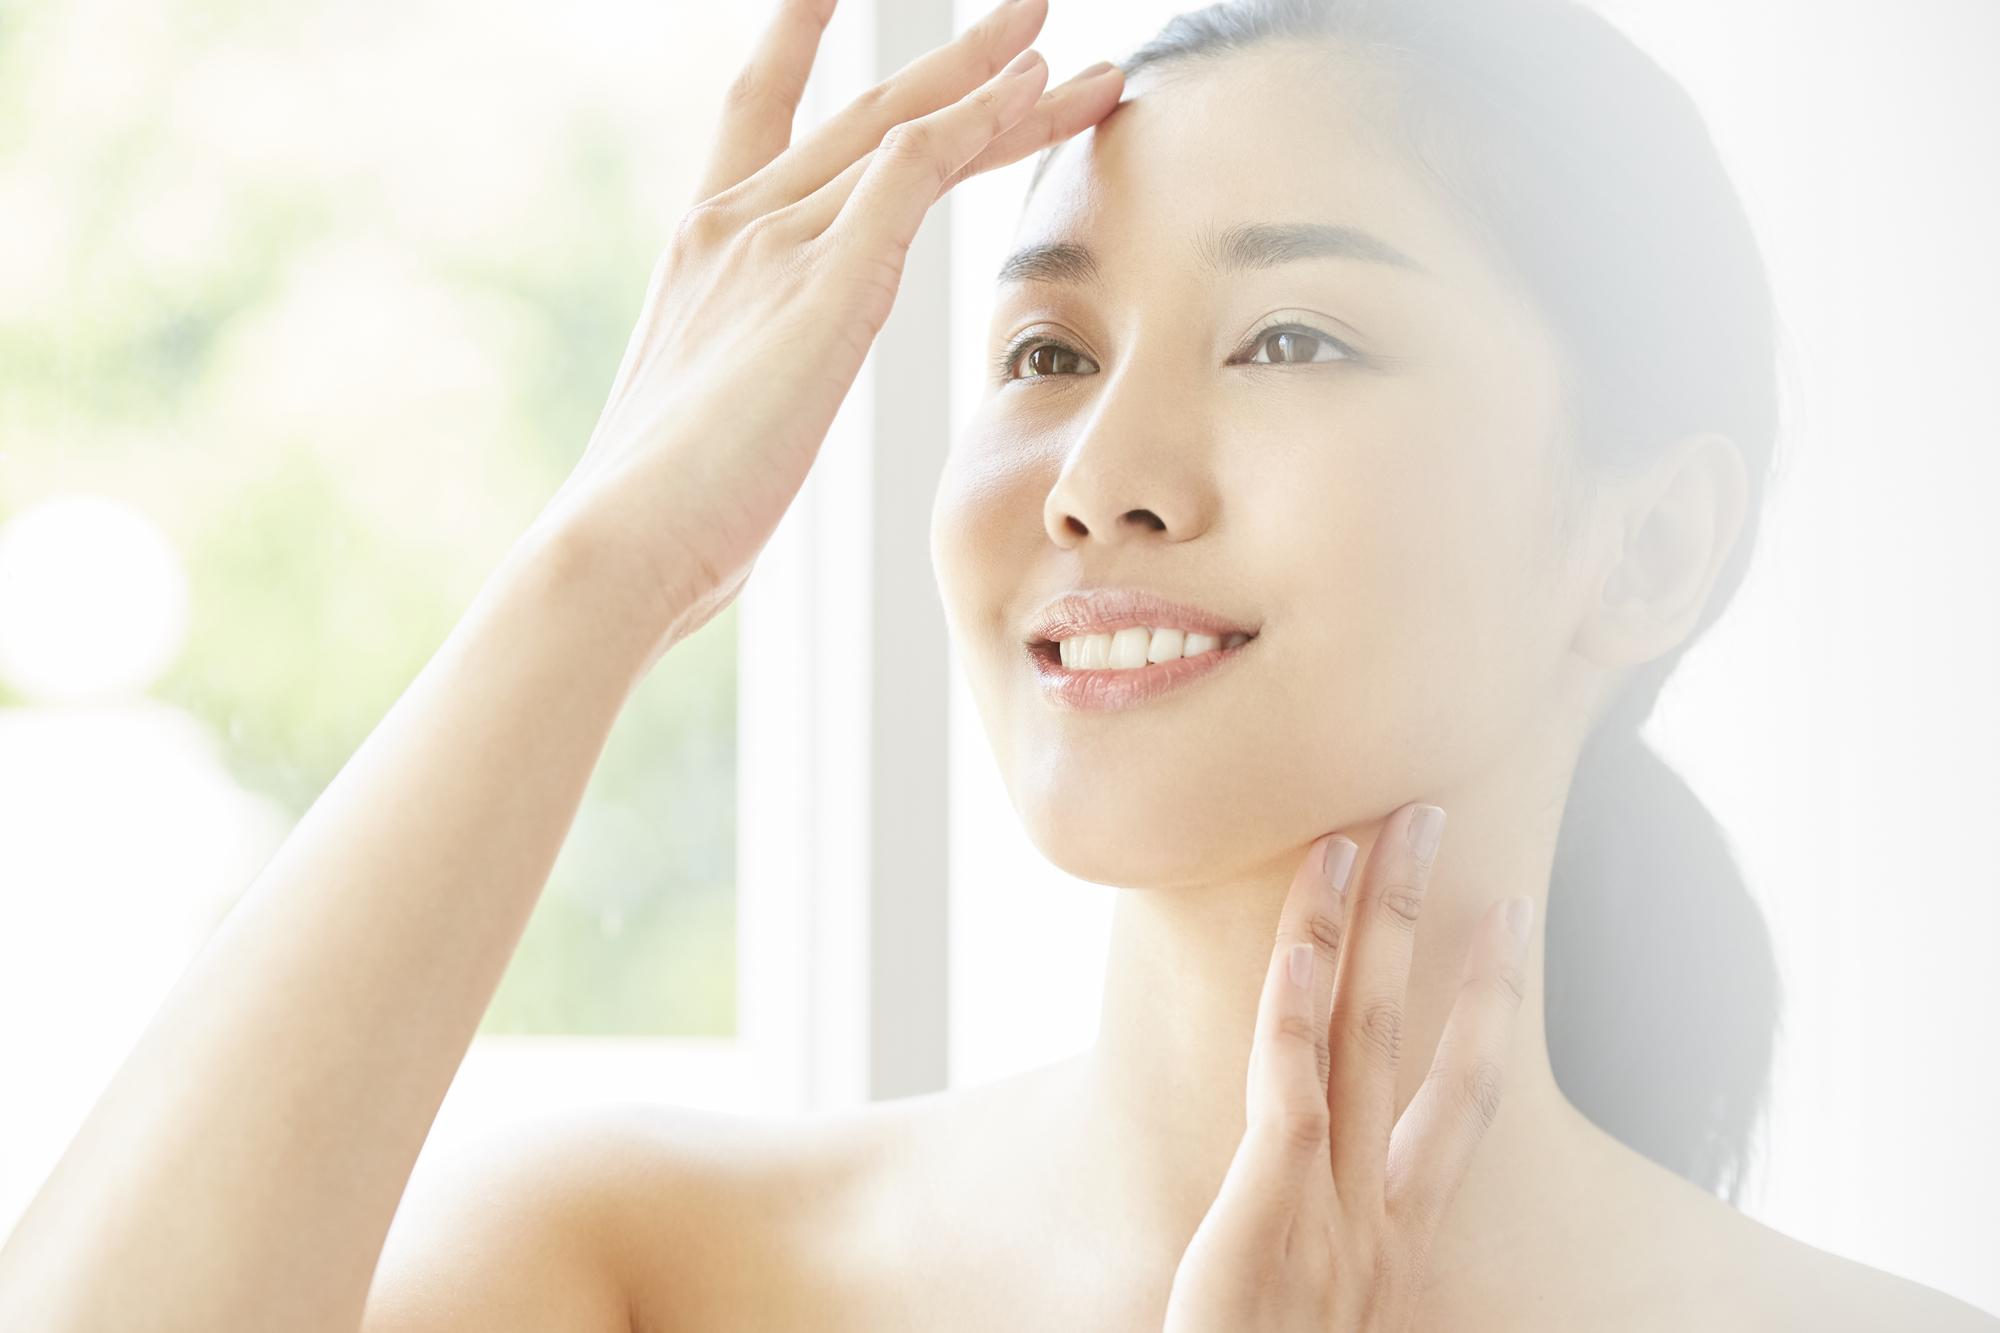 肌のターンオーバーを知ろう!周期や乱れで起こるトラブルとその改善方法